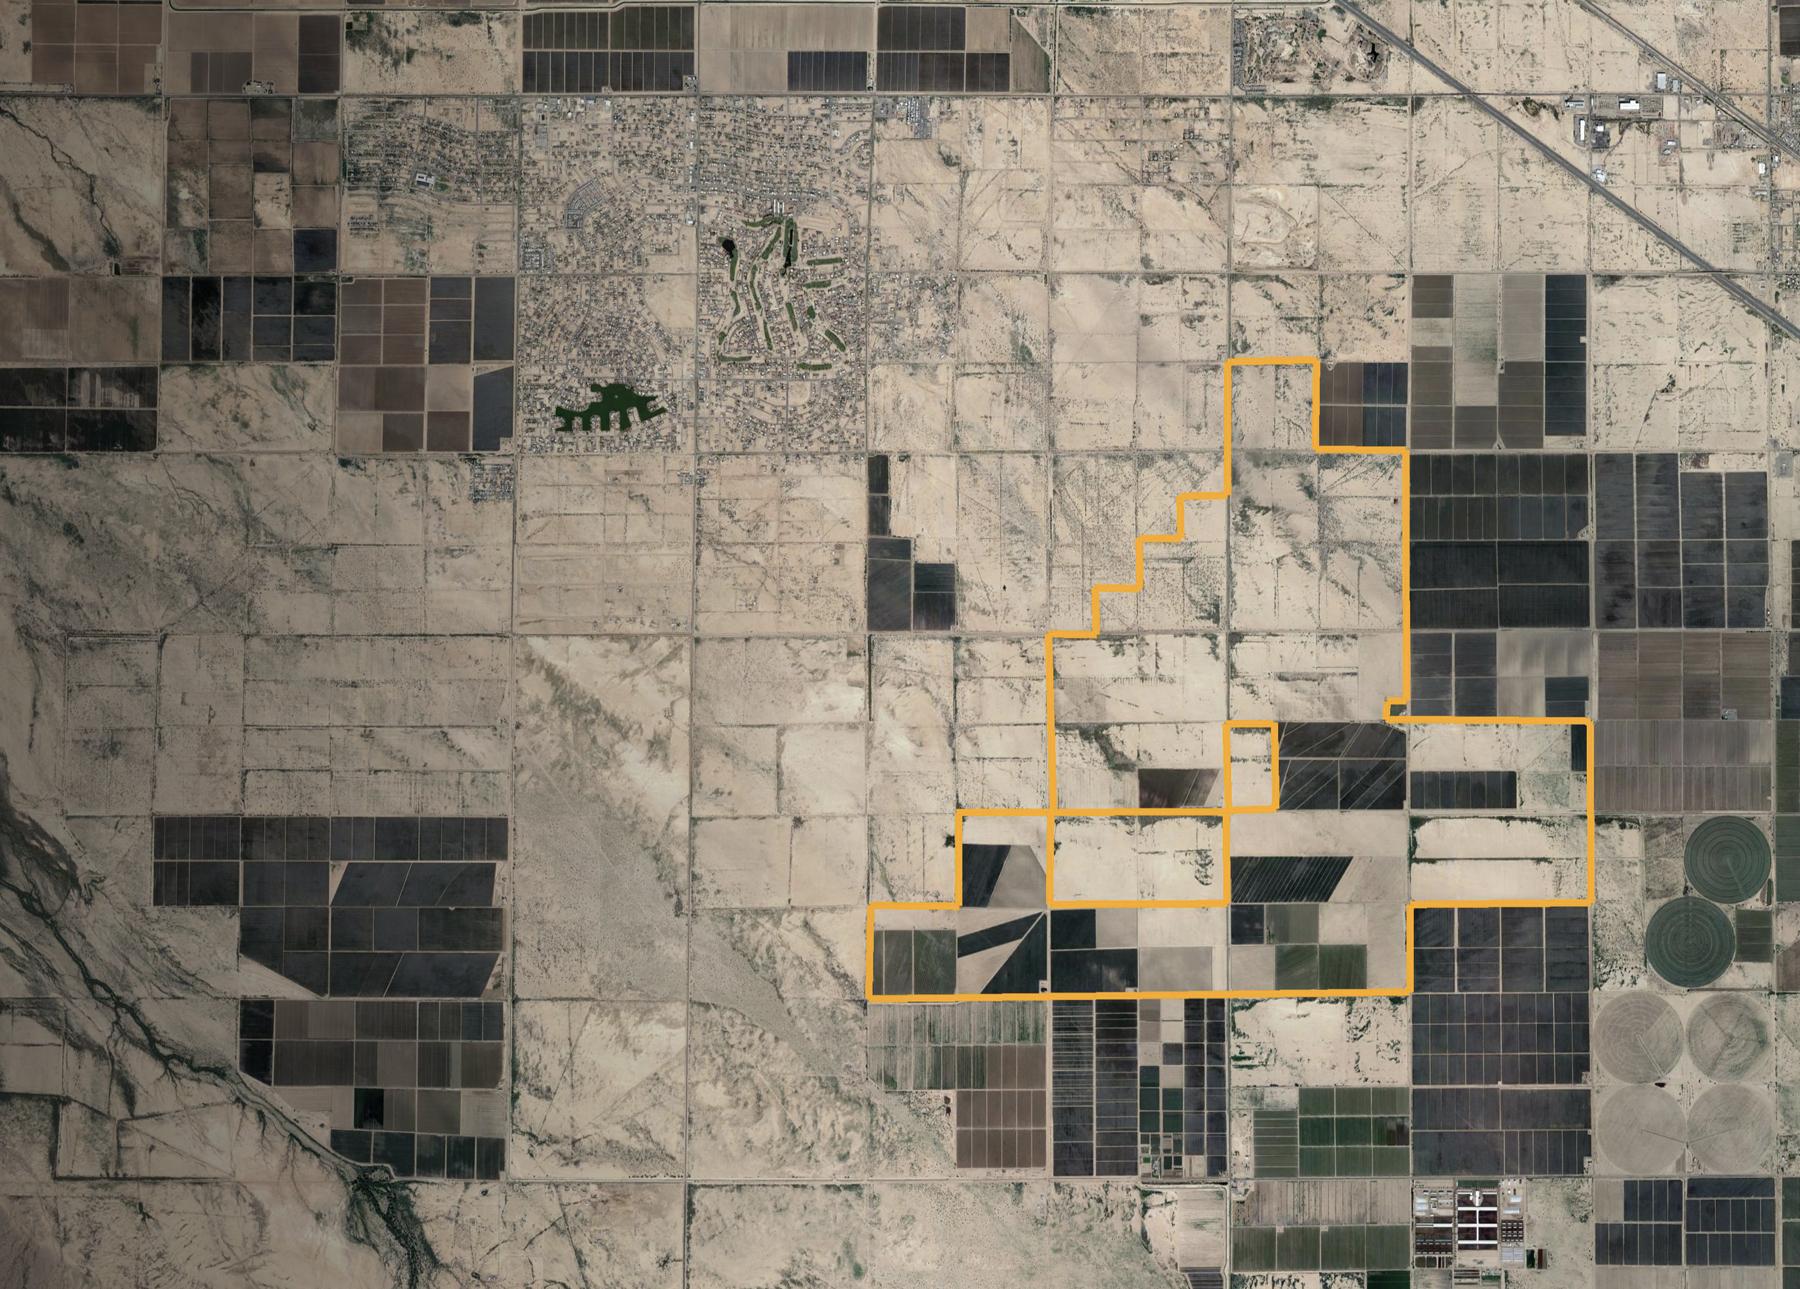 Cortederro – City of Eloy, Arizona